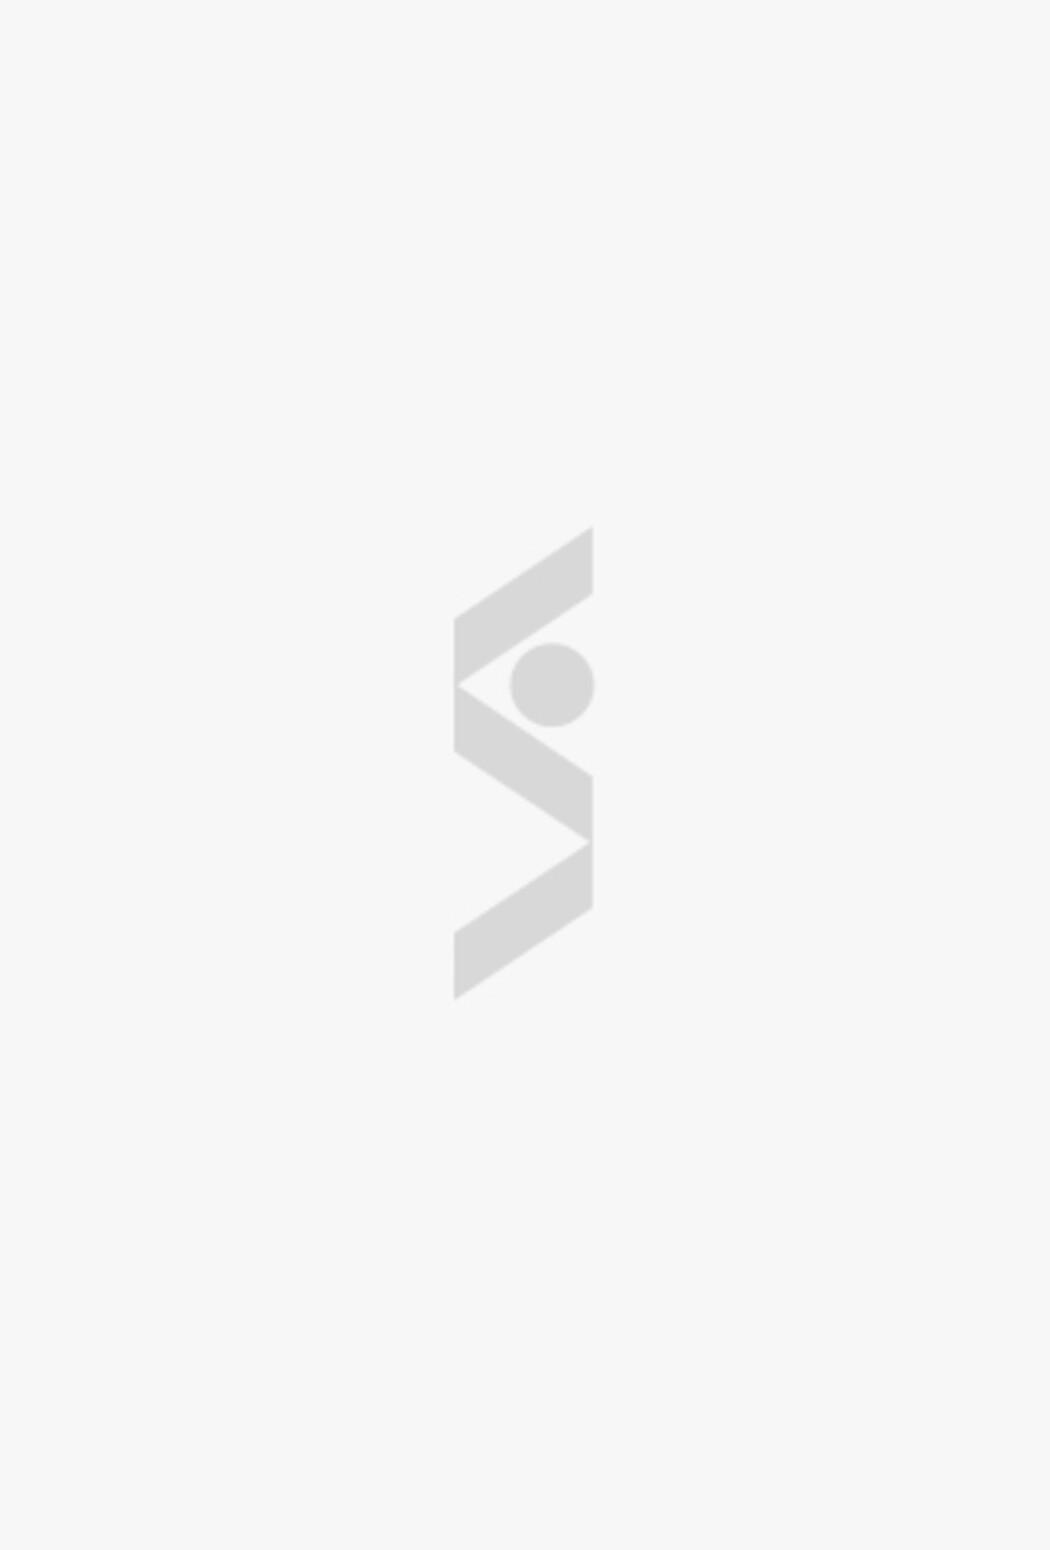 Kozhanye Chelsi Na Traktornoj Podoshve Marc O Polo Cena Kupit V Internet Magazine Stokmann V Moskve